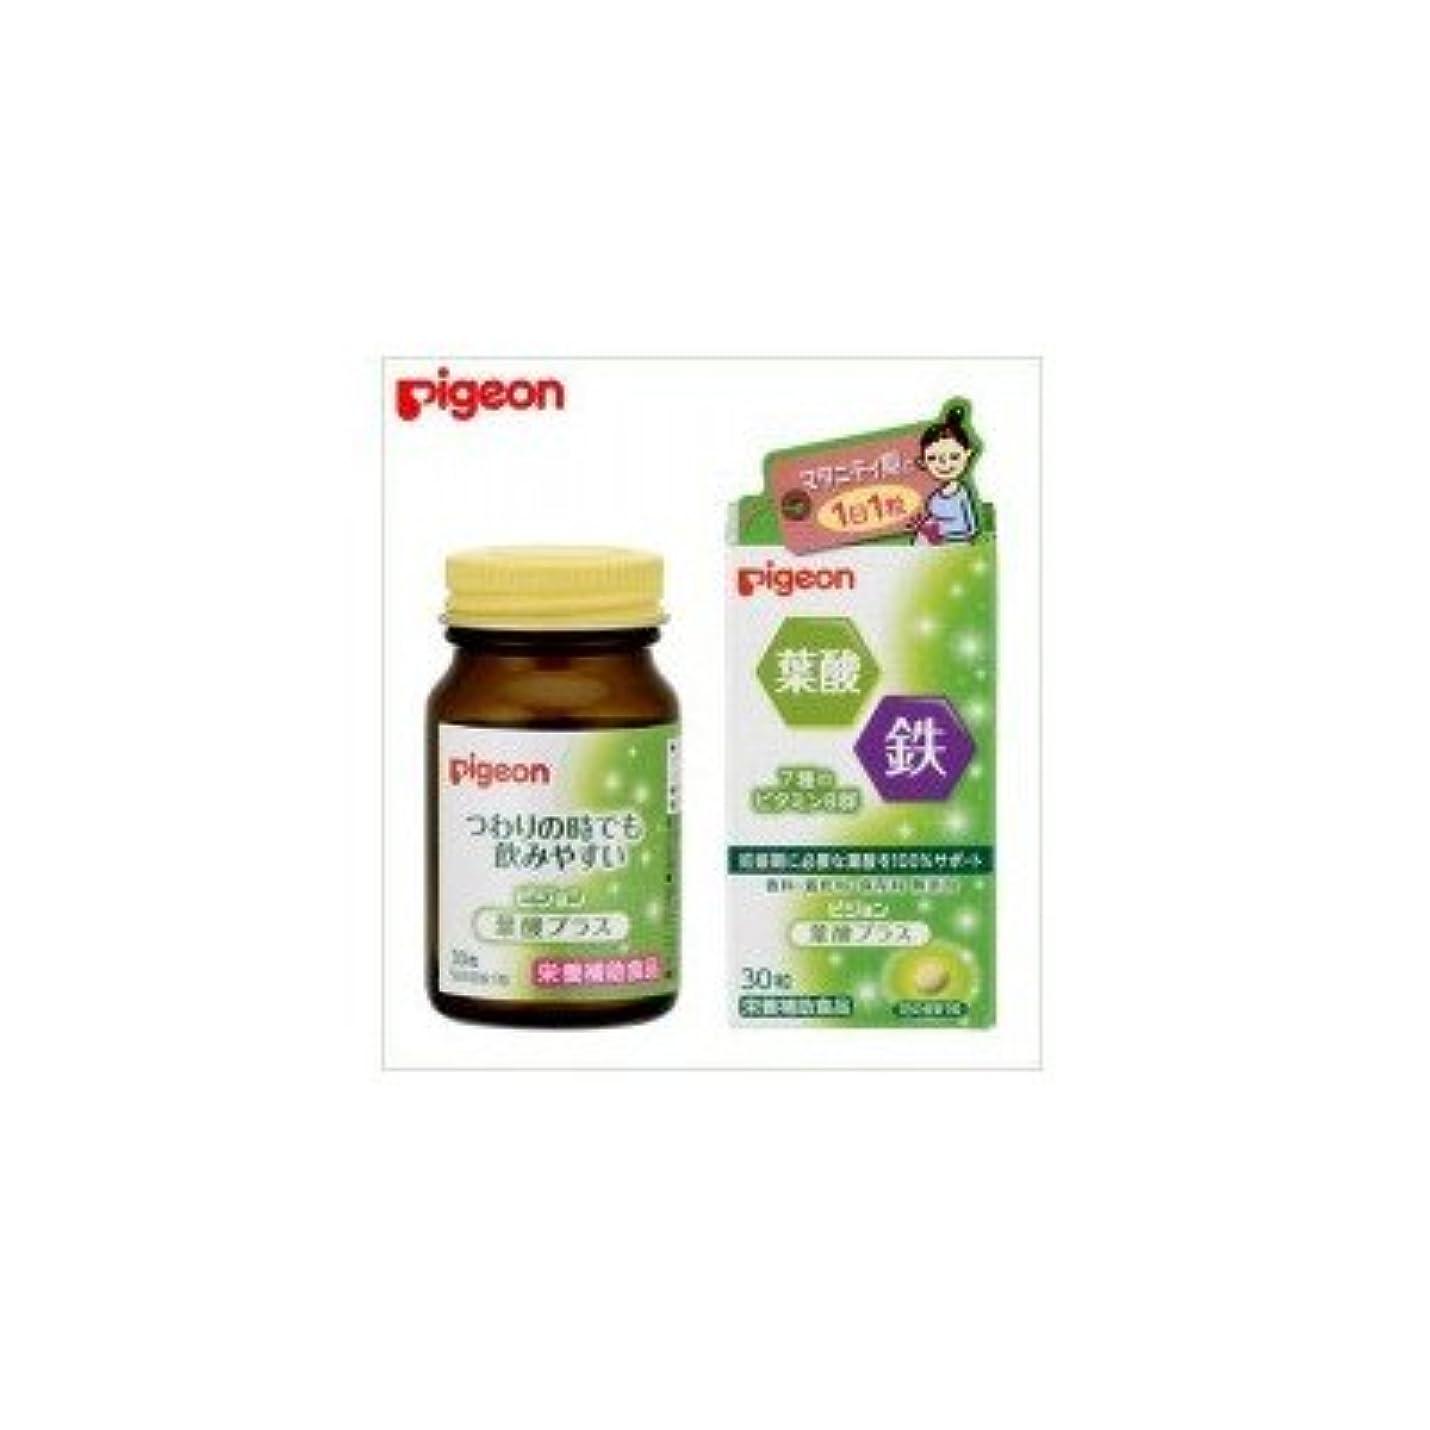 義務現象理想的Pigeon(ピジョン) サプリメント 栄養補助食品 葉酸プラス 30粒(錠剤) 20390